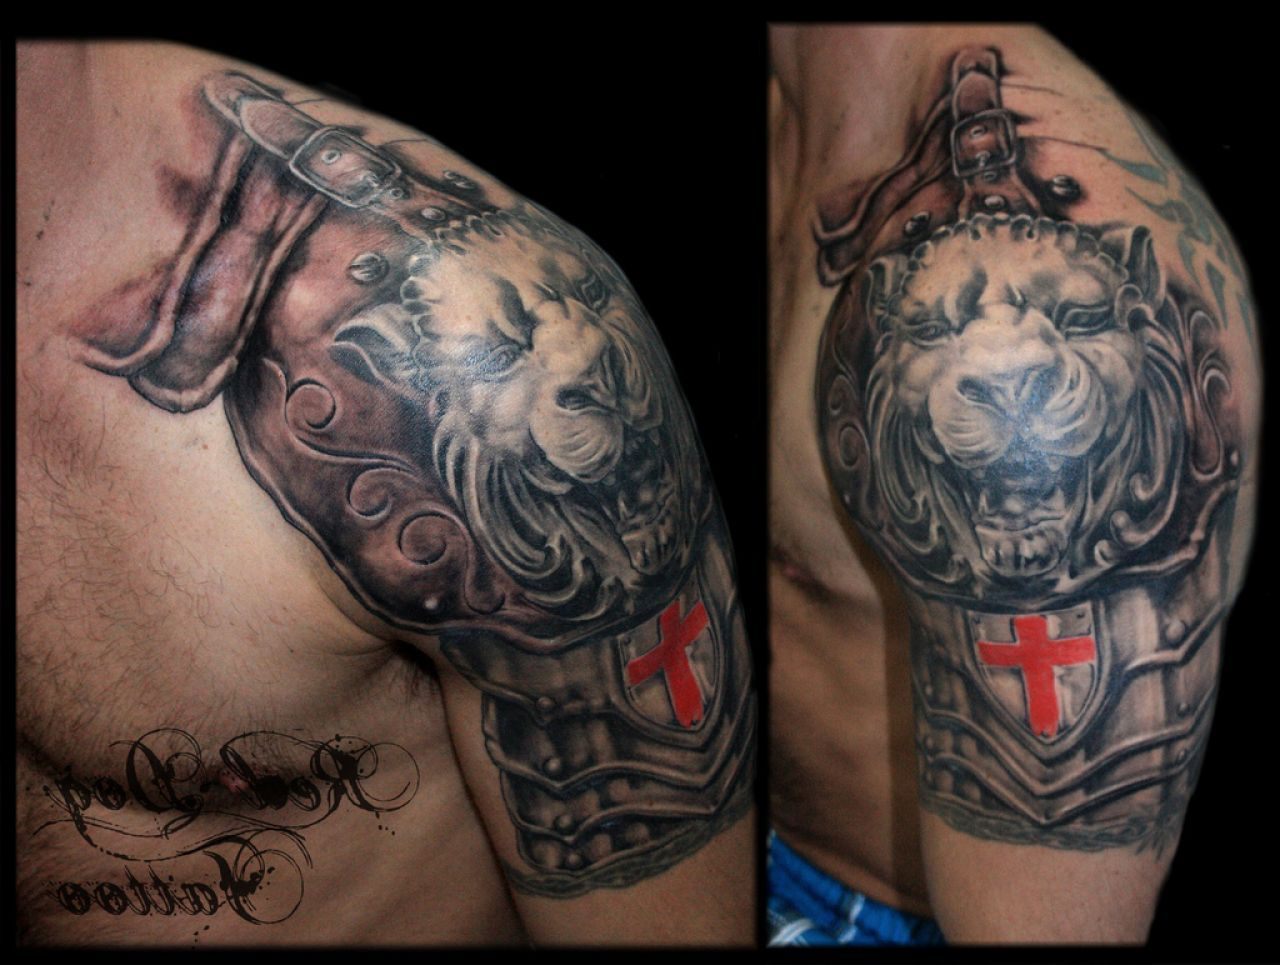 impressive knight armor tattoo on shoulder canvas hide pinterest armor. Black Bedroom Furniture Sets. Home Design Ideas